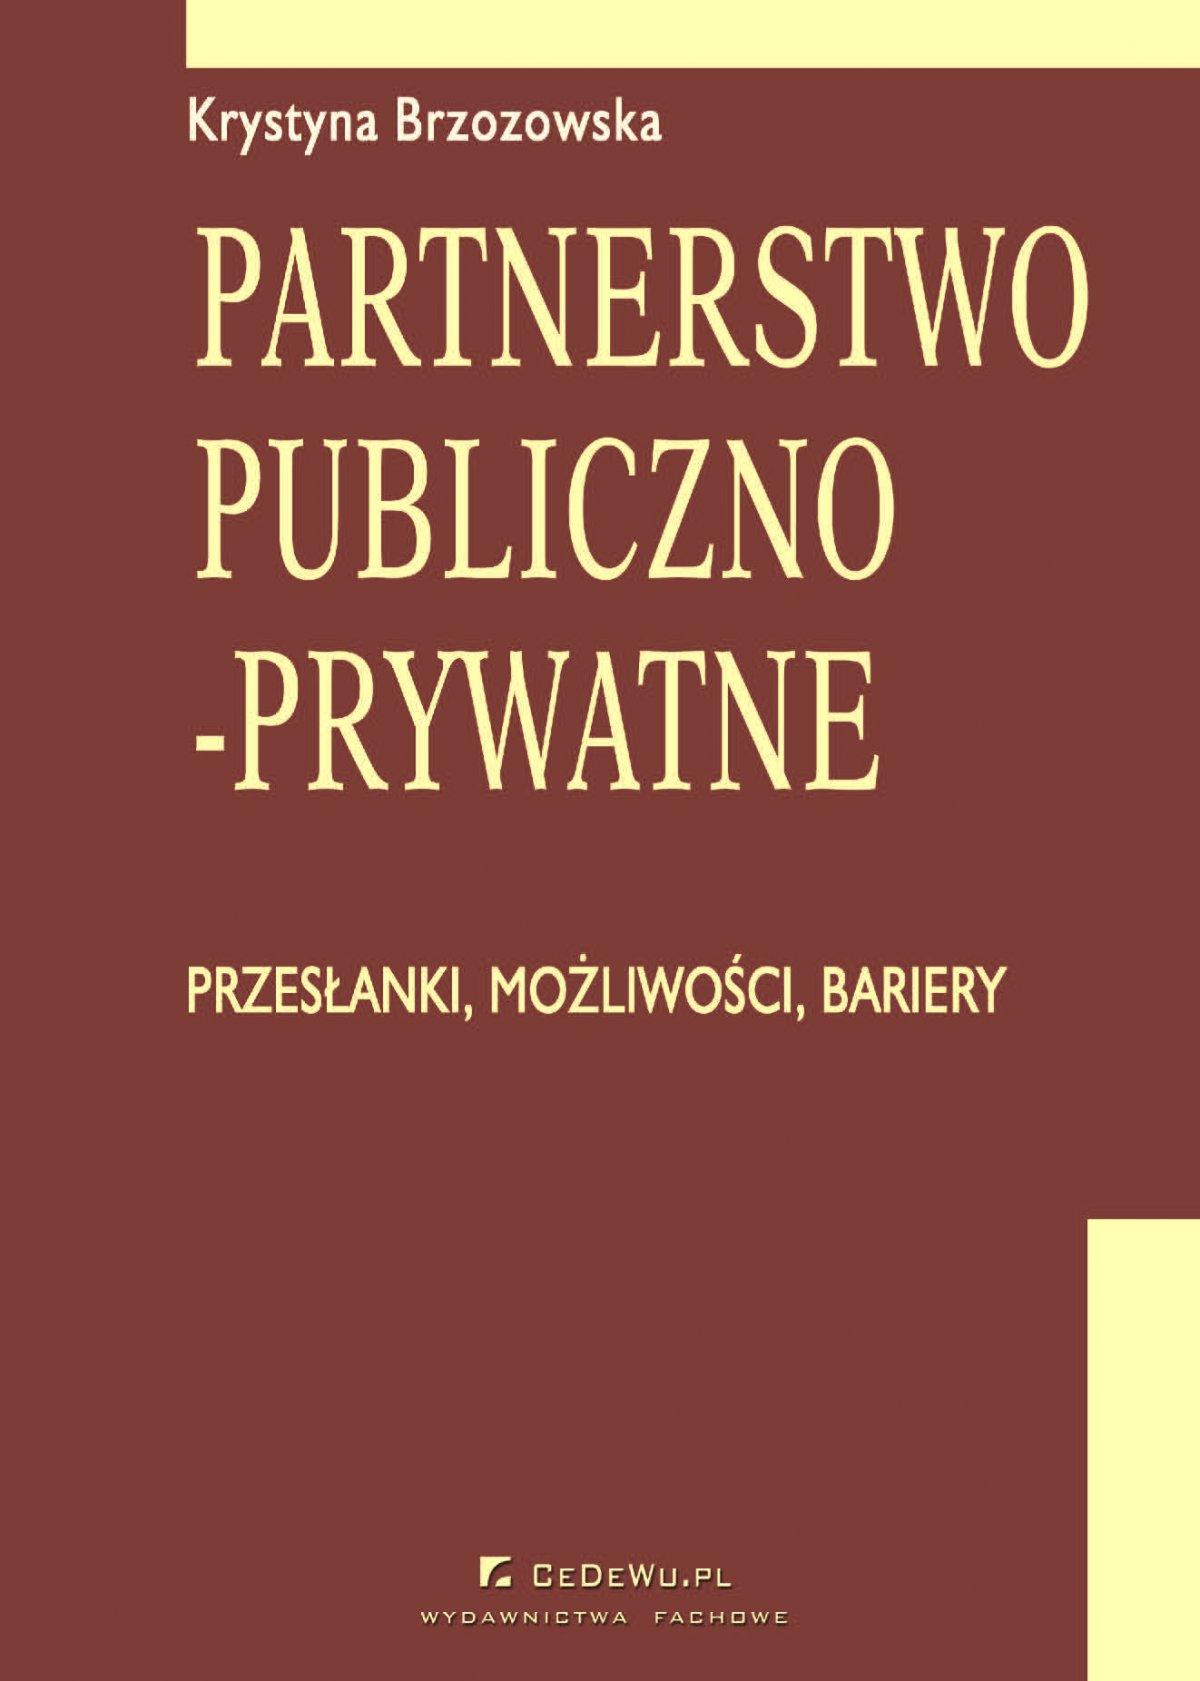 Partnerstwo publiczno-prywatne. Przesłanki, możliwości, bariery. Rozdział 3. Strony uczestniczące w projektach partnerstwa publiczno-prywatnego - Ebook (Książka PDF) do pobrania w formacie PDF